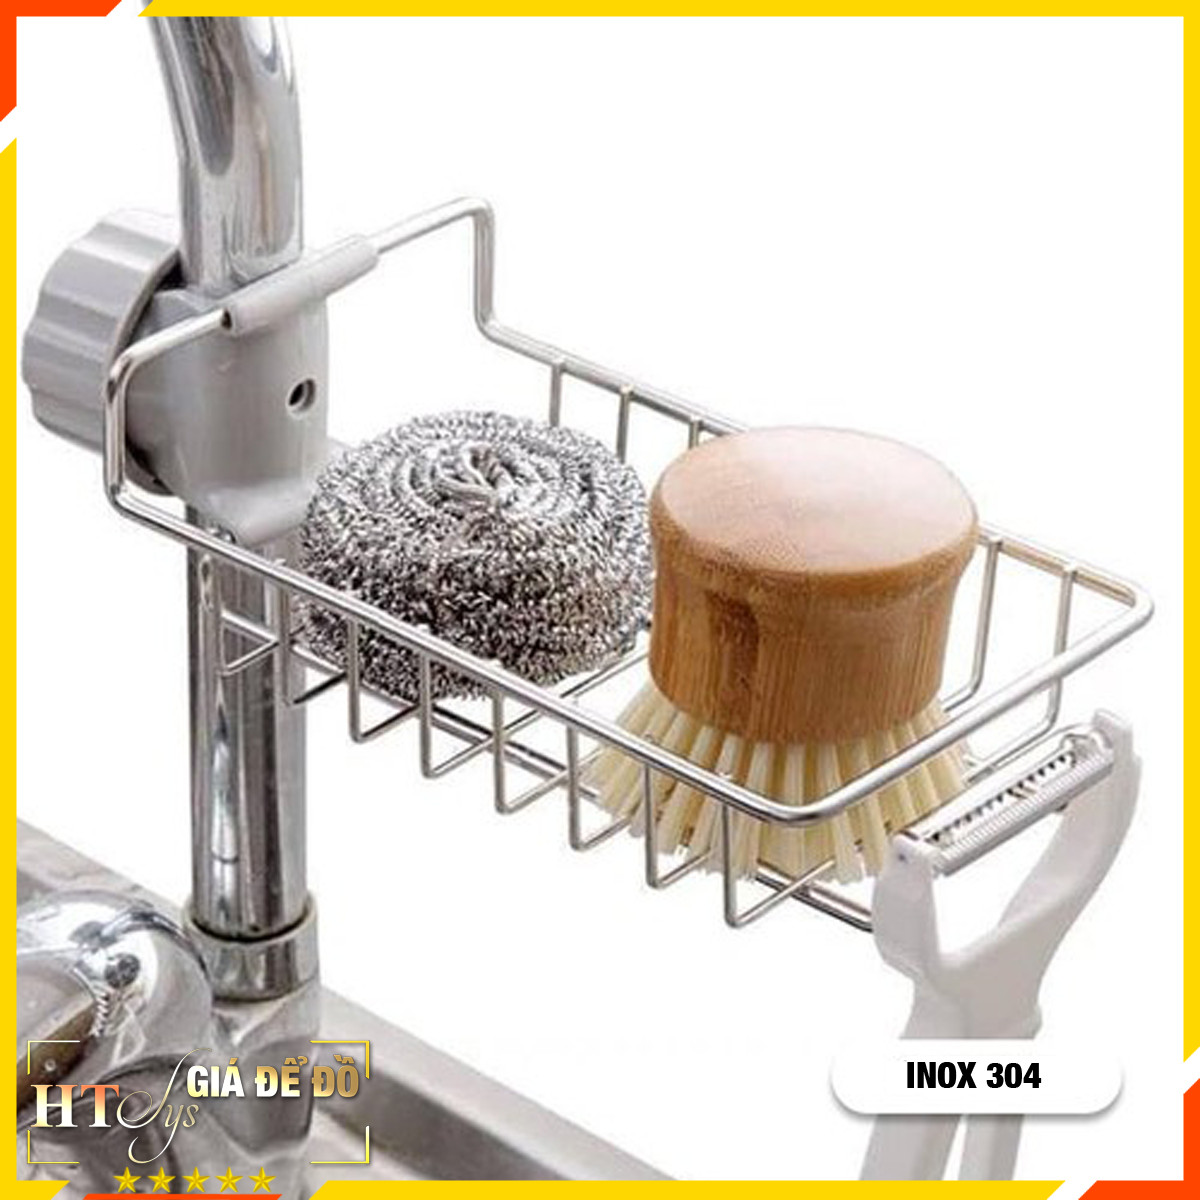 Giá để đồ cài vòi rửa bát HT SYS -Kệ inox đựng miếng rửa bát gắn vòi